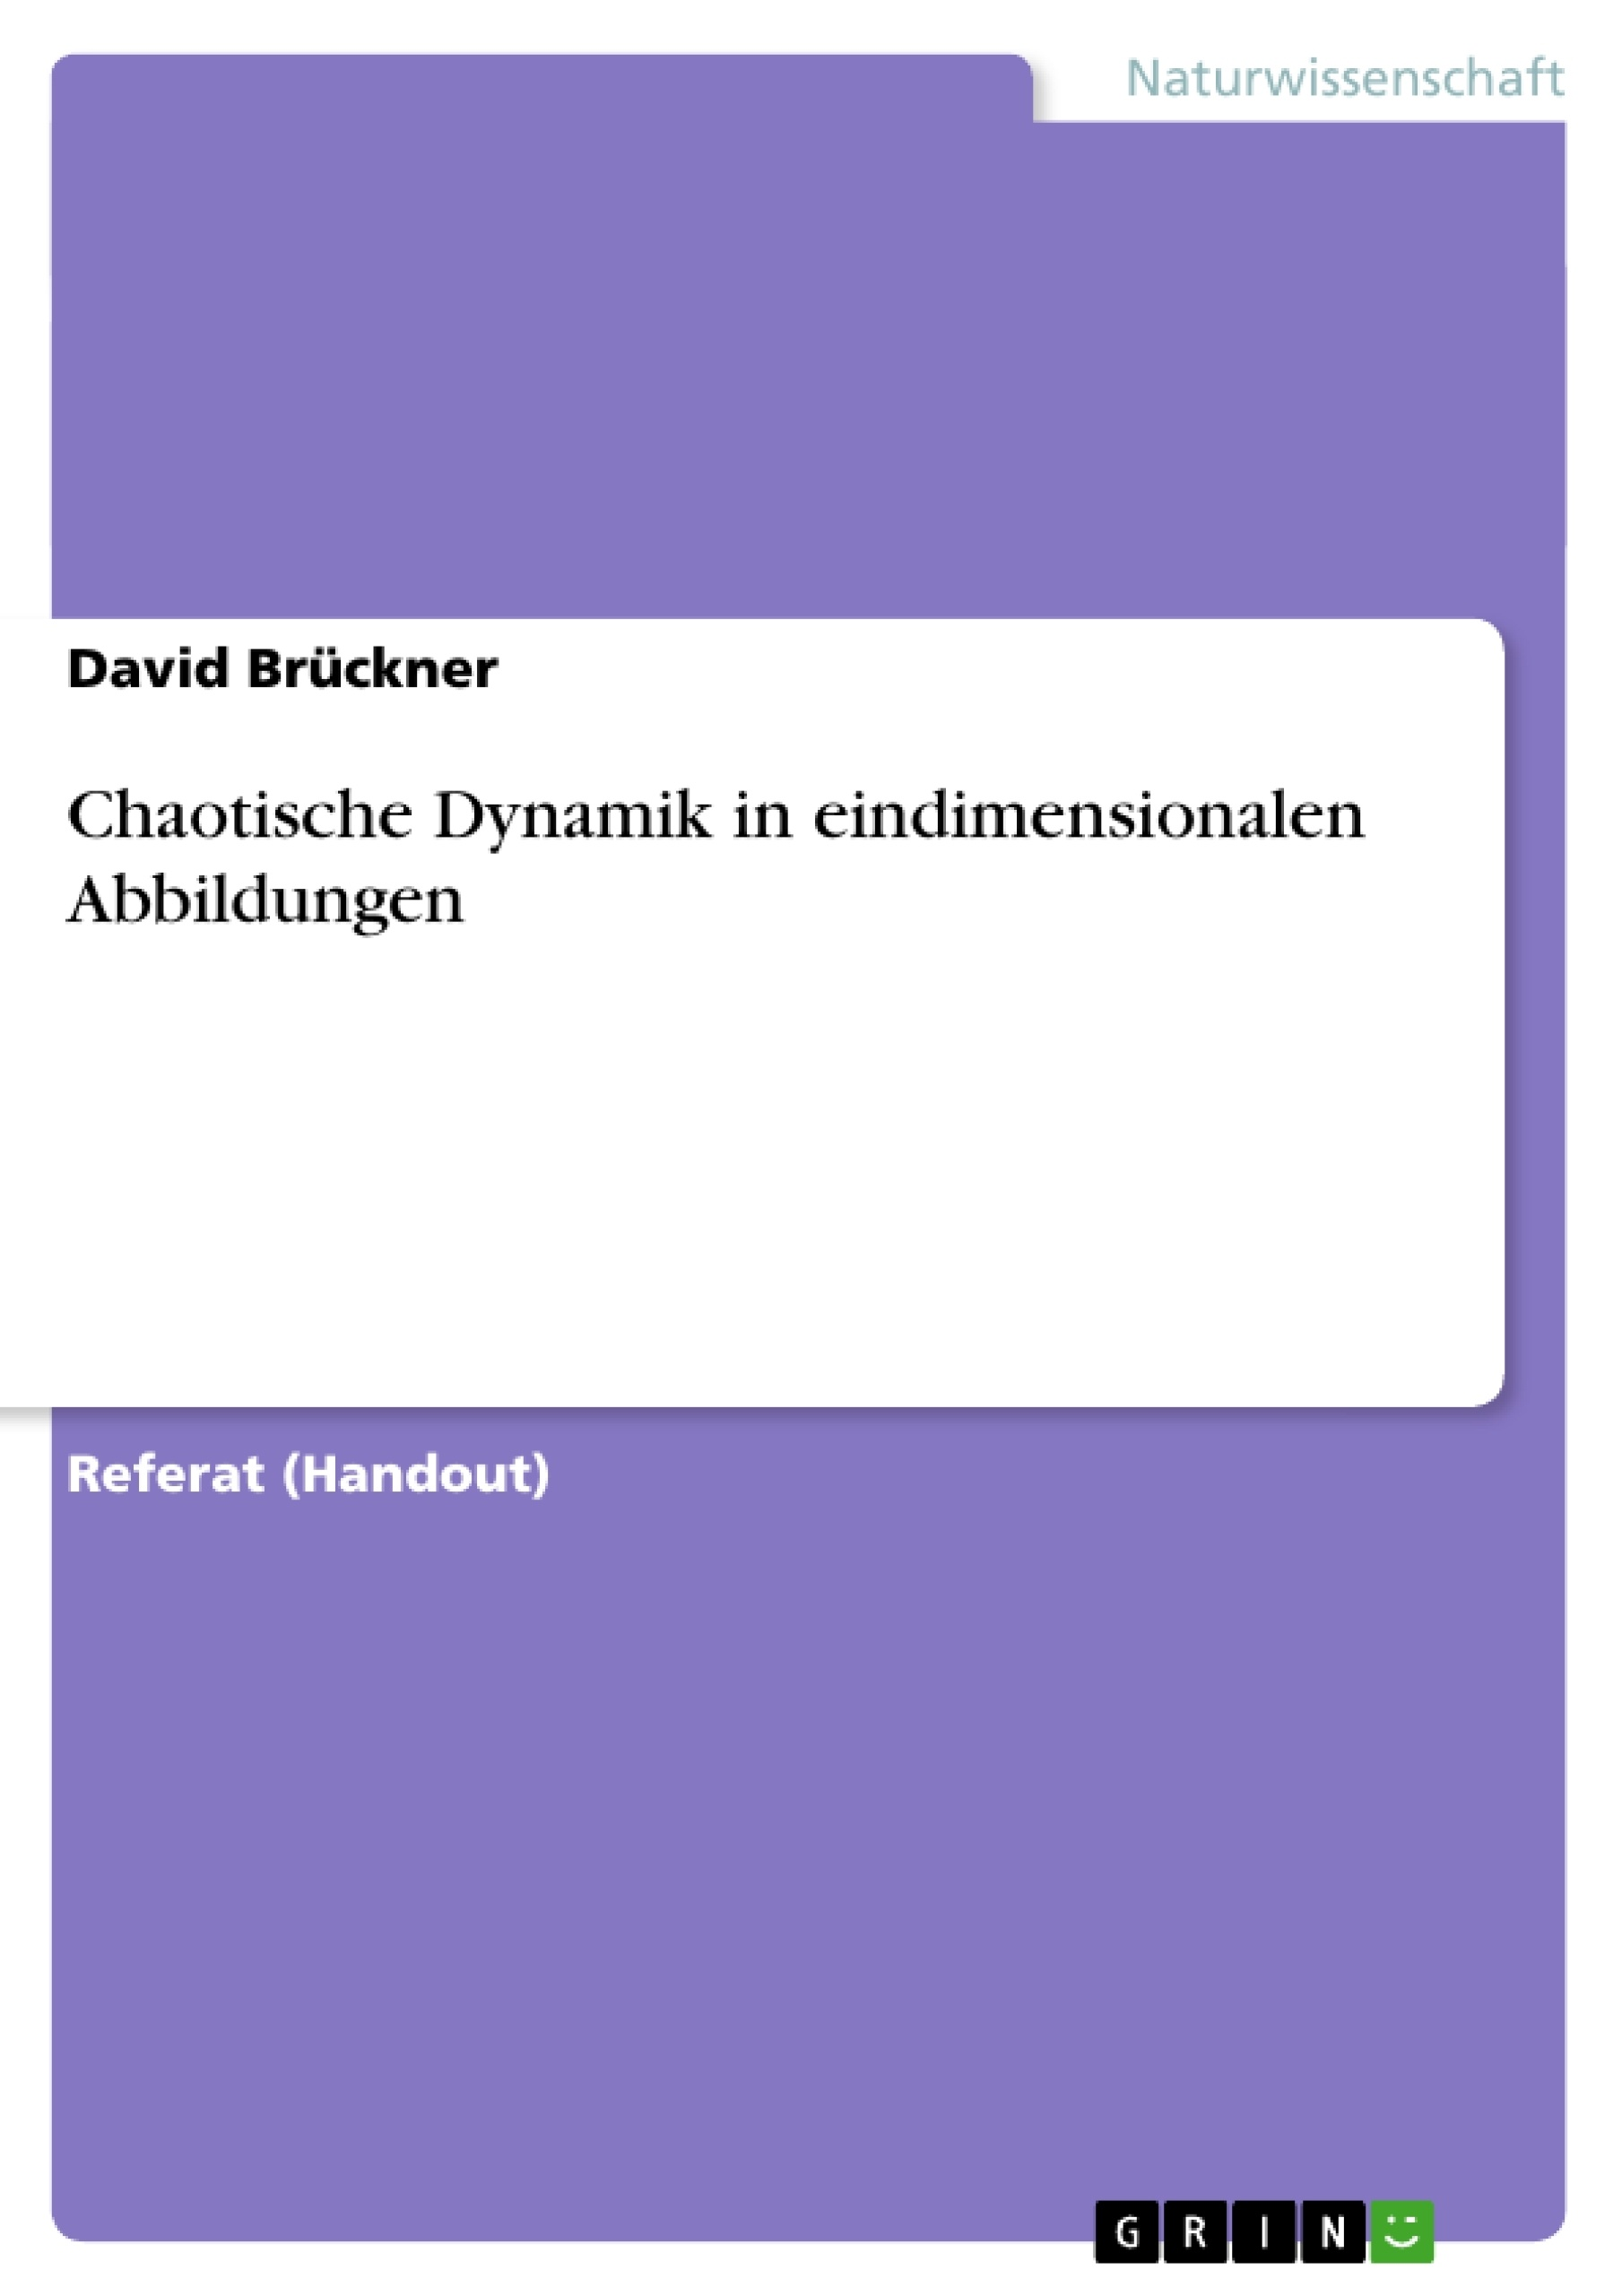 Titel: Chaotische Dynamik in eindimensionalen Abbildungen